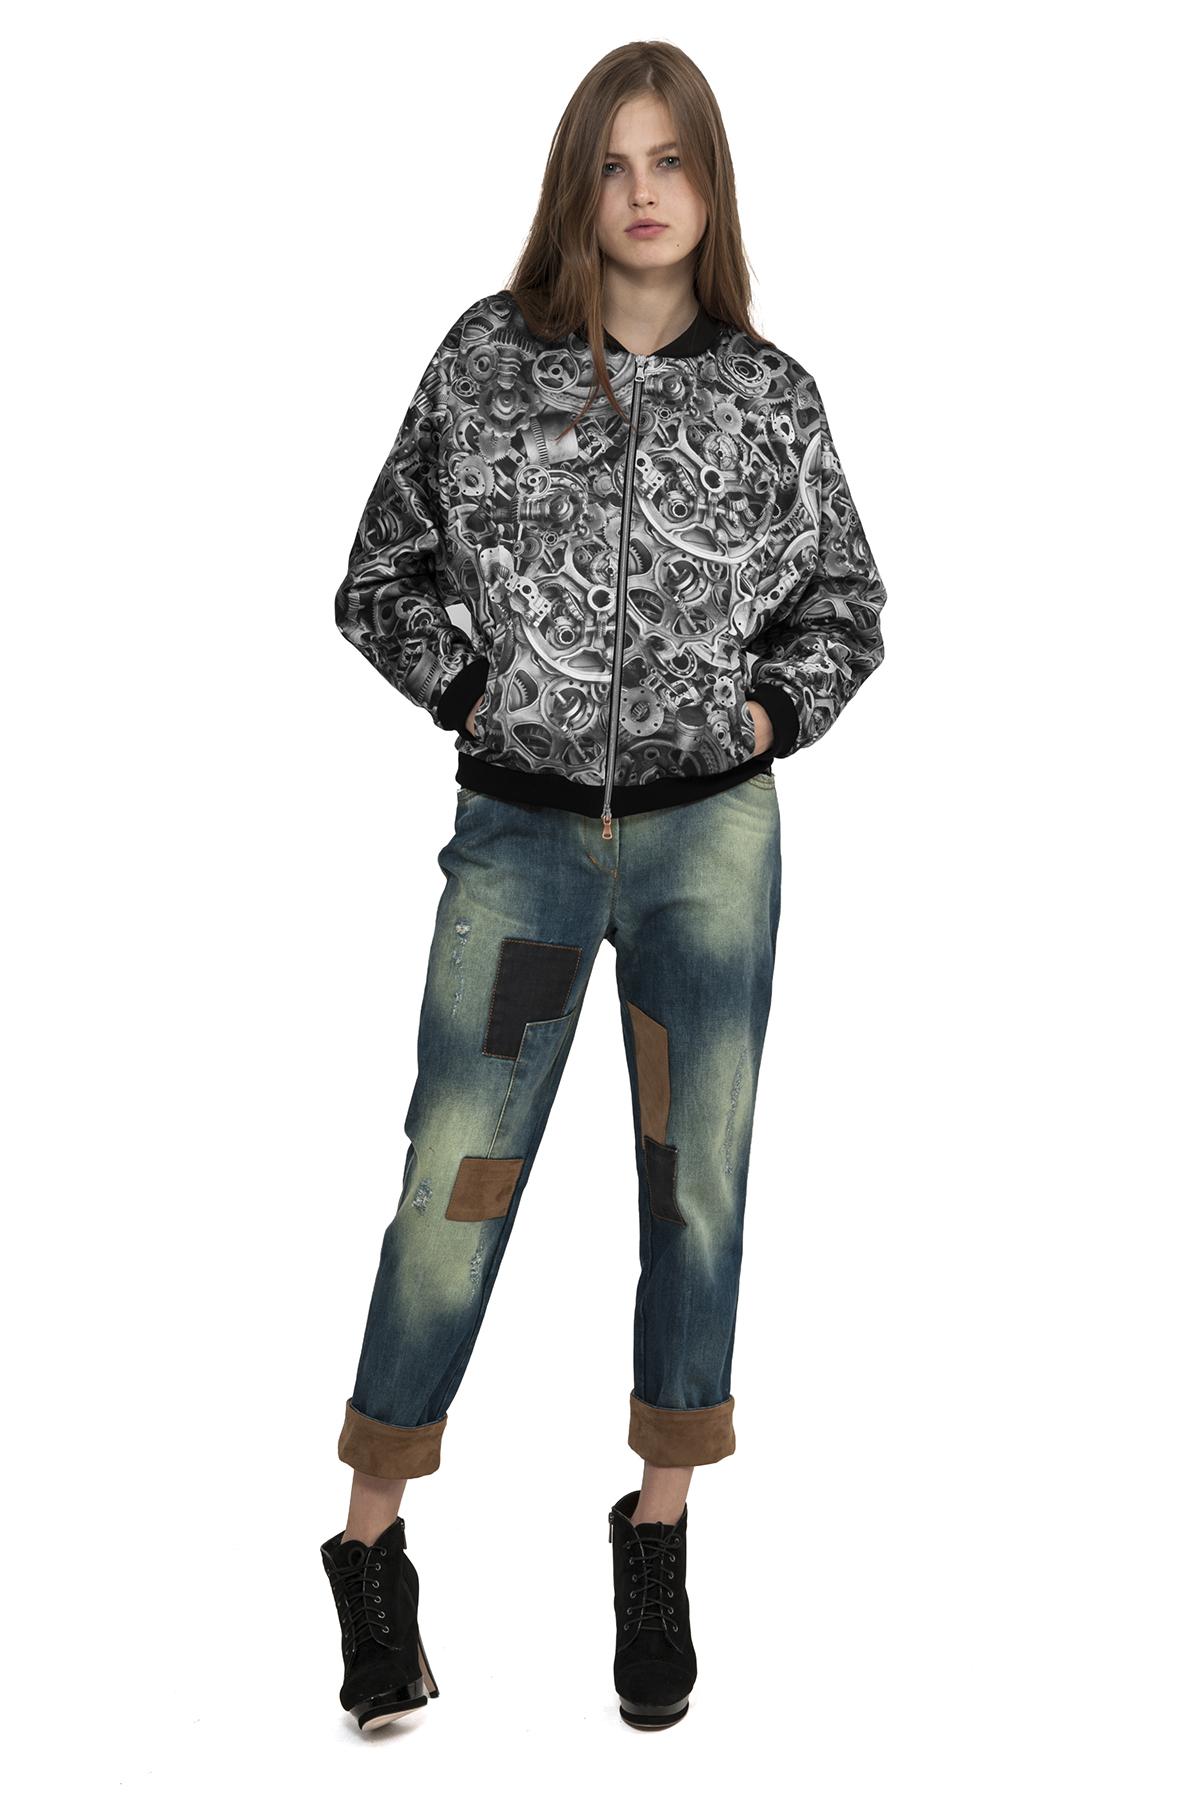 БомберЖенские куртки, плащи, пальто<br>Прекрасная куртка, выполненная  в лаконичном дизайне, в стиле SteamPunk . Модель подчеркнет Ваш неповторимый стиль. Превосходное сочетание удобства и стиля.Коллекция Пуходелические сны дизайнера Павла Ерокина.<br><br>Цвет: черный,белый<br>Состав: 50%хлопок, 30%полиэстер, 17%вискоза, 3%эластан<br>Размер: 46,48<br>Страна дизайна: Россия<br>Страна производства: Россия